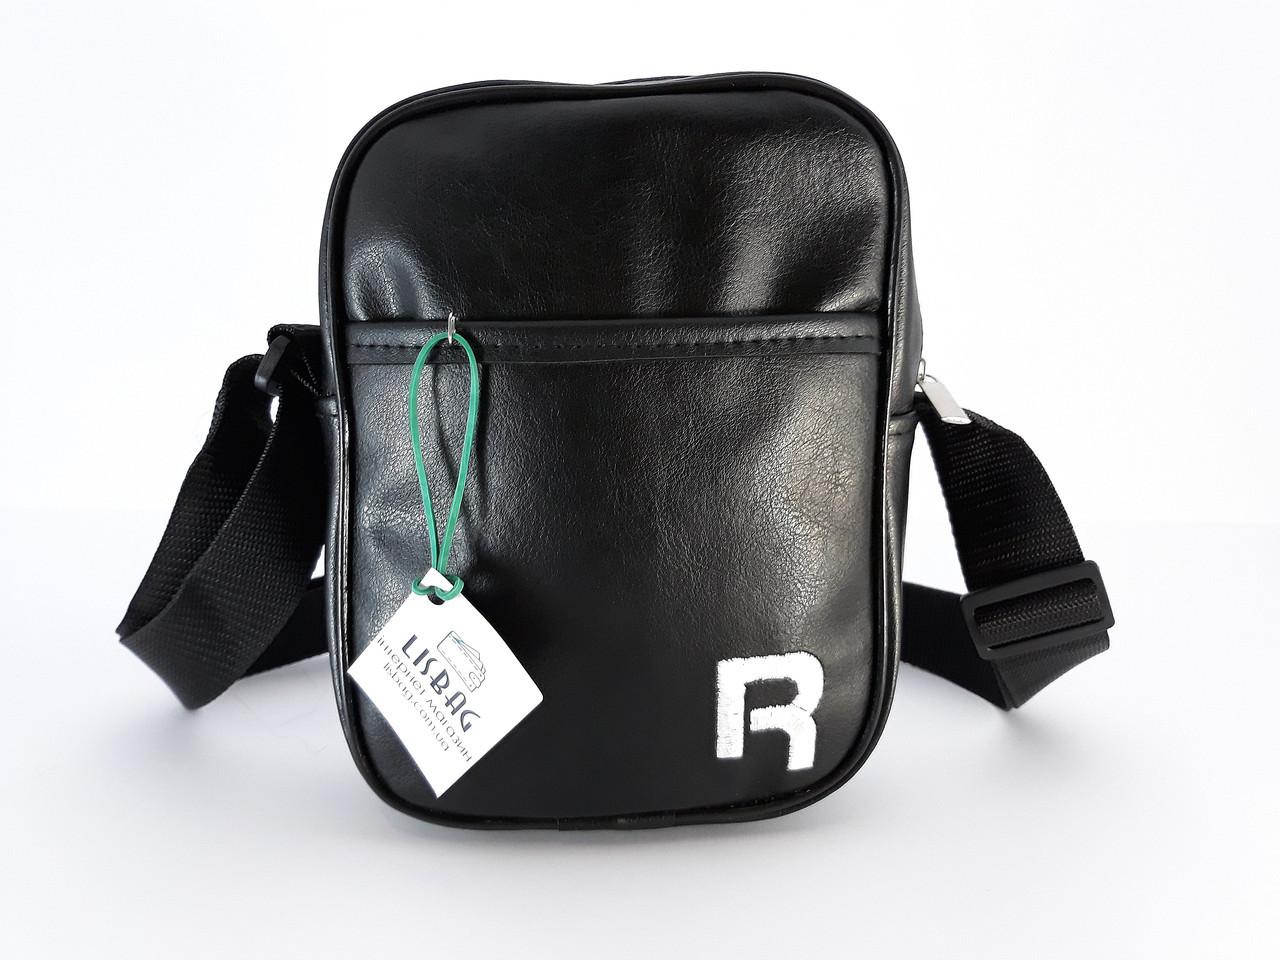 30134c1cb30c Большая мужская сумка планшетка через плечо копия Reebok , черная -  Интернет магазин Lisbag в Умани